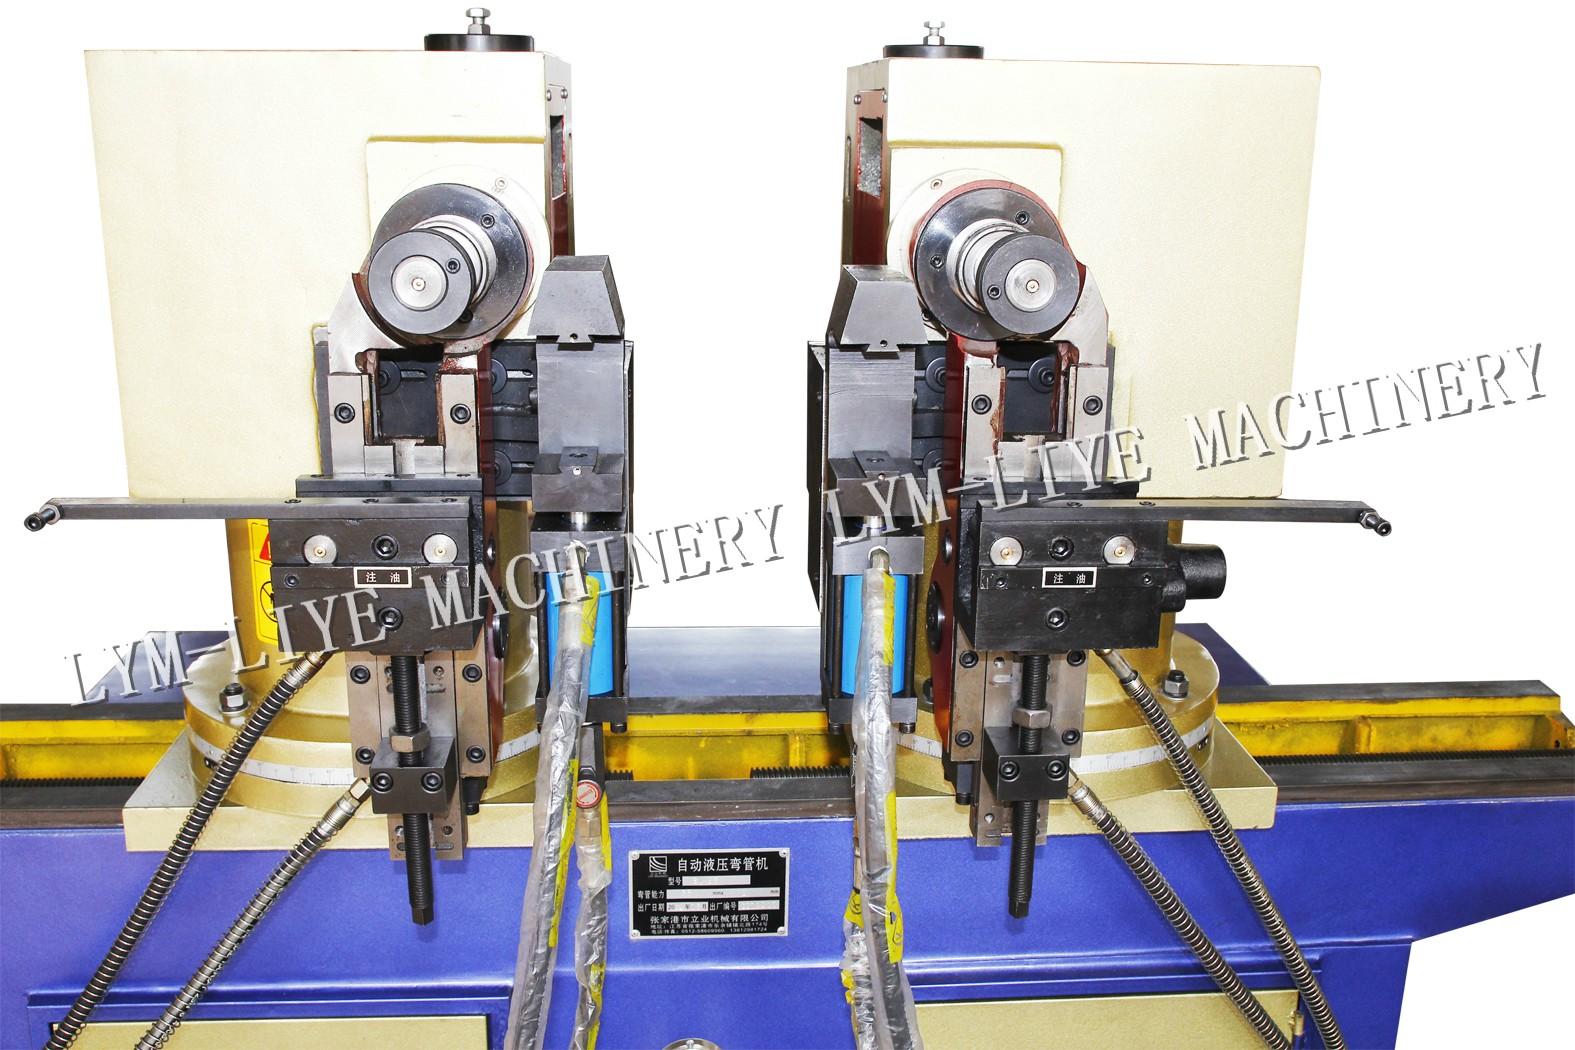 Купете Двойна глава полуавтоматични тръба машини за огъване,Двойна глава полуавтоматични тръба машини за огъване Цена,Двойна глава полуавтоматични тръба машини за огъване марка,Двойна глава полуавтоматични тръба машини за огъване Производител,Двойна глава полуавтоматични тръба машини за огъване Цитати. Двойна глава полуавтоматични тръба машини за огъване Компания,